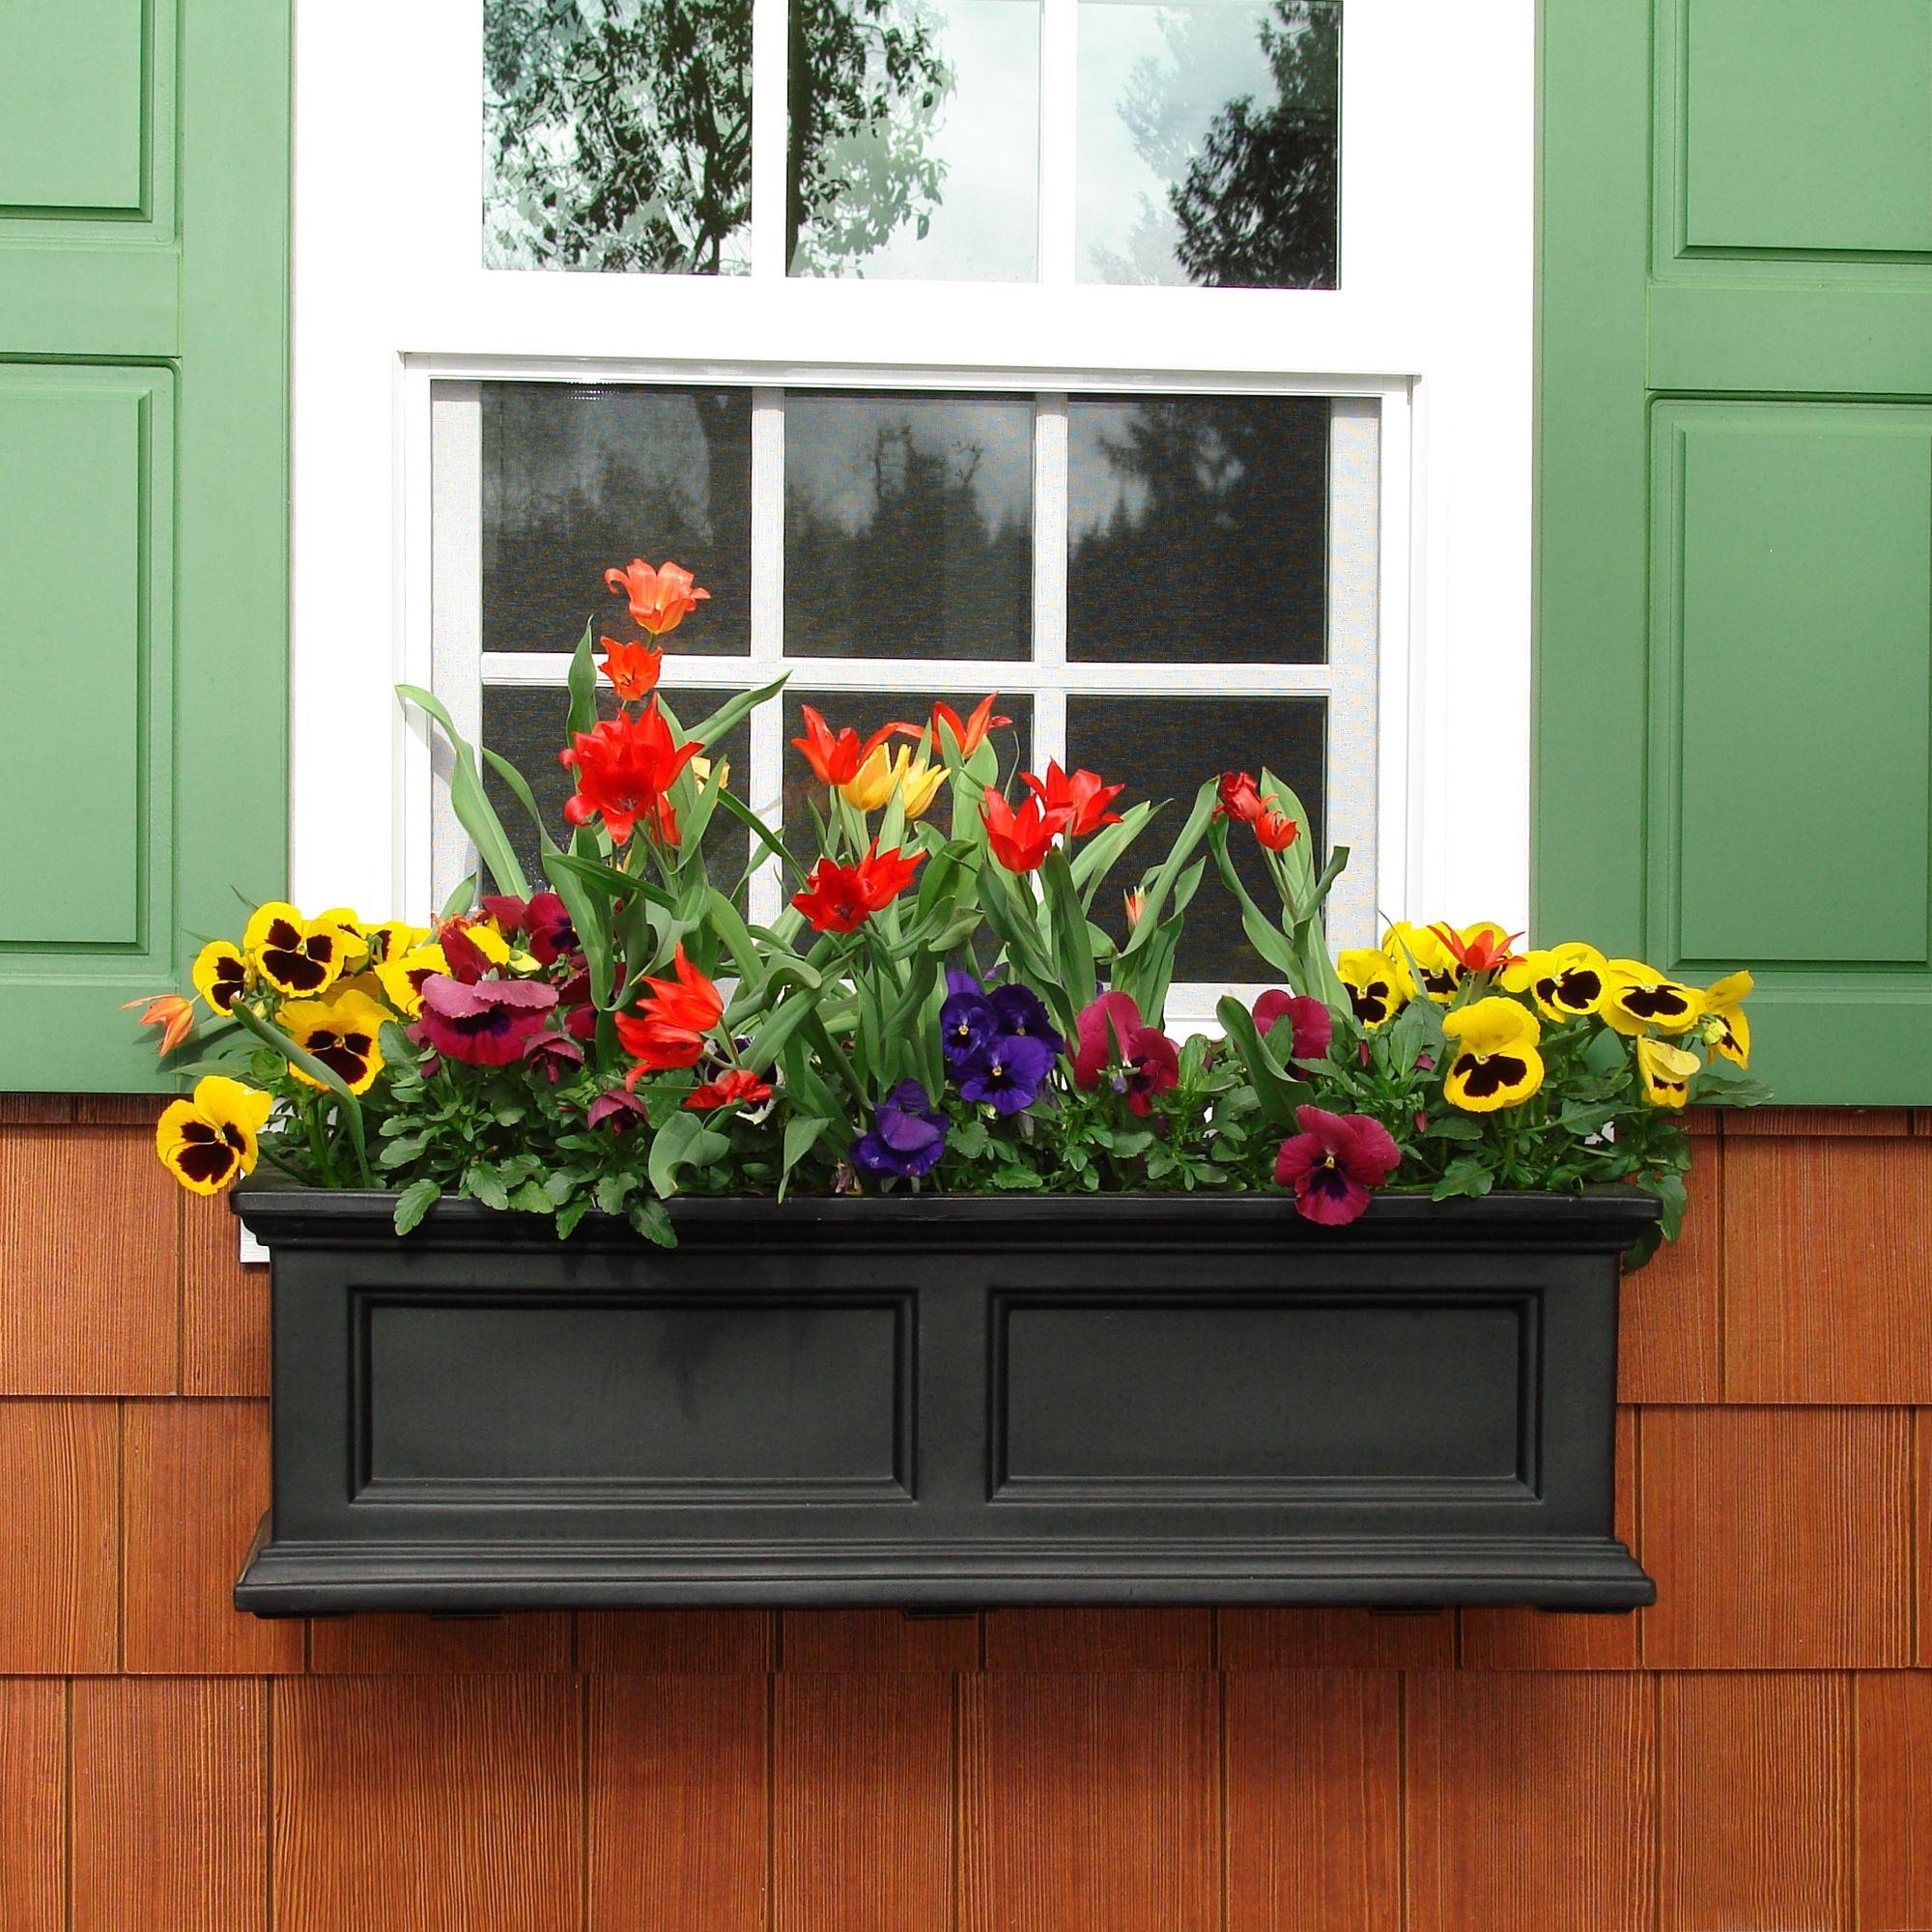 Mayne Fairfield 4 Window Box In Black Made In The Usa Www Gomayne Com Window Box Flowers Window Box Plants Window Planters